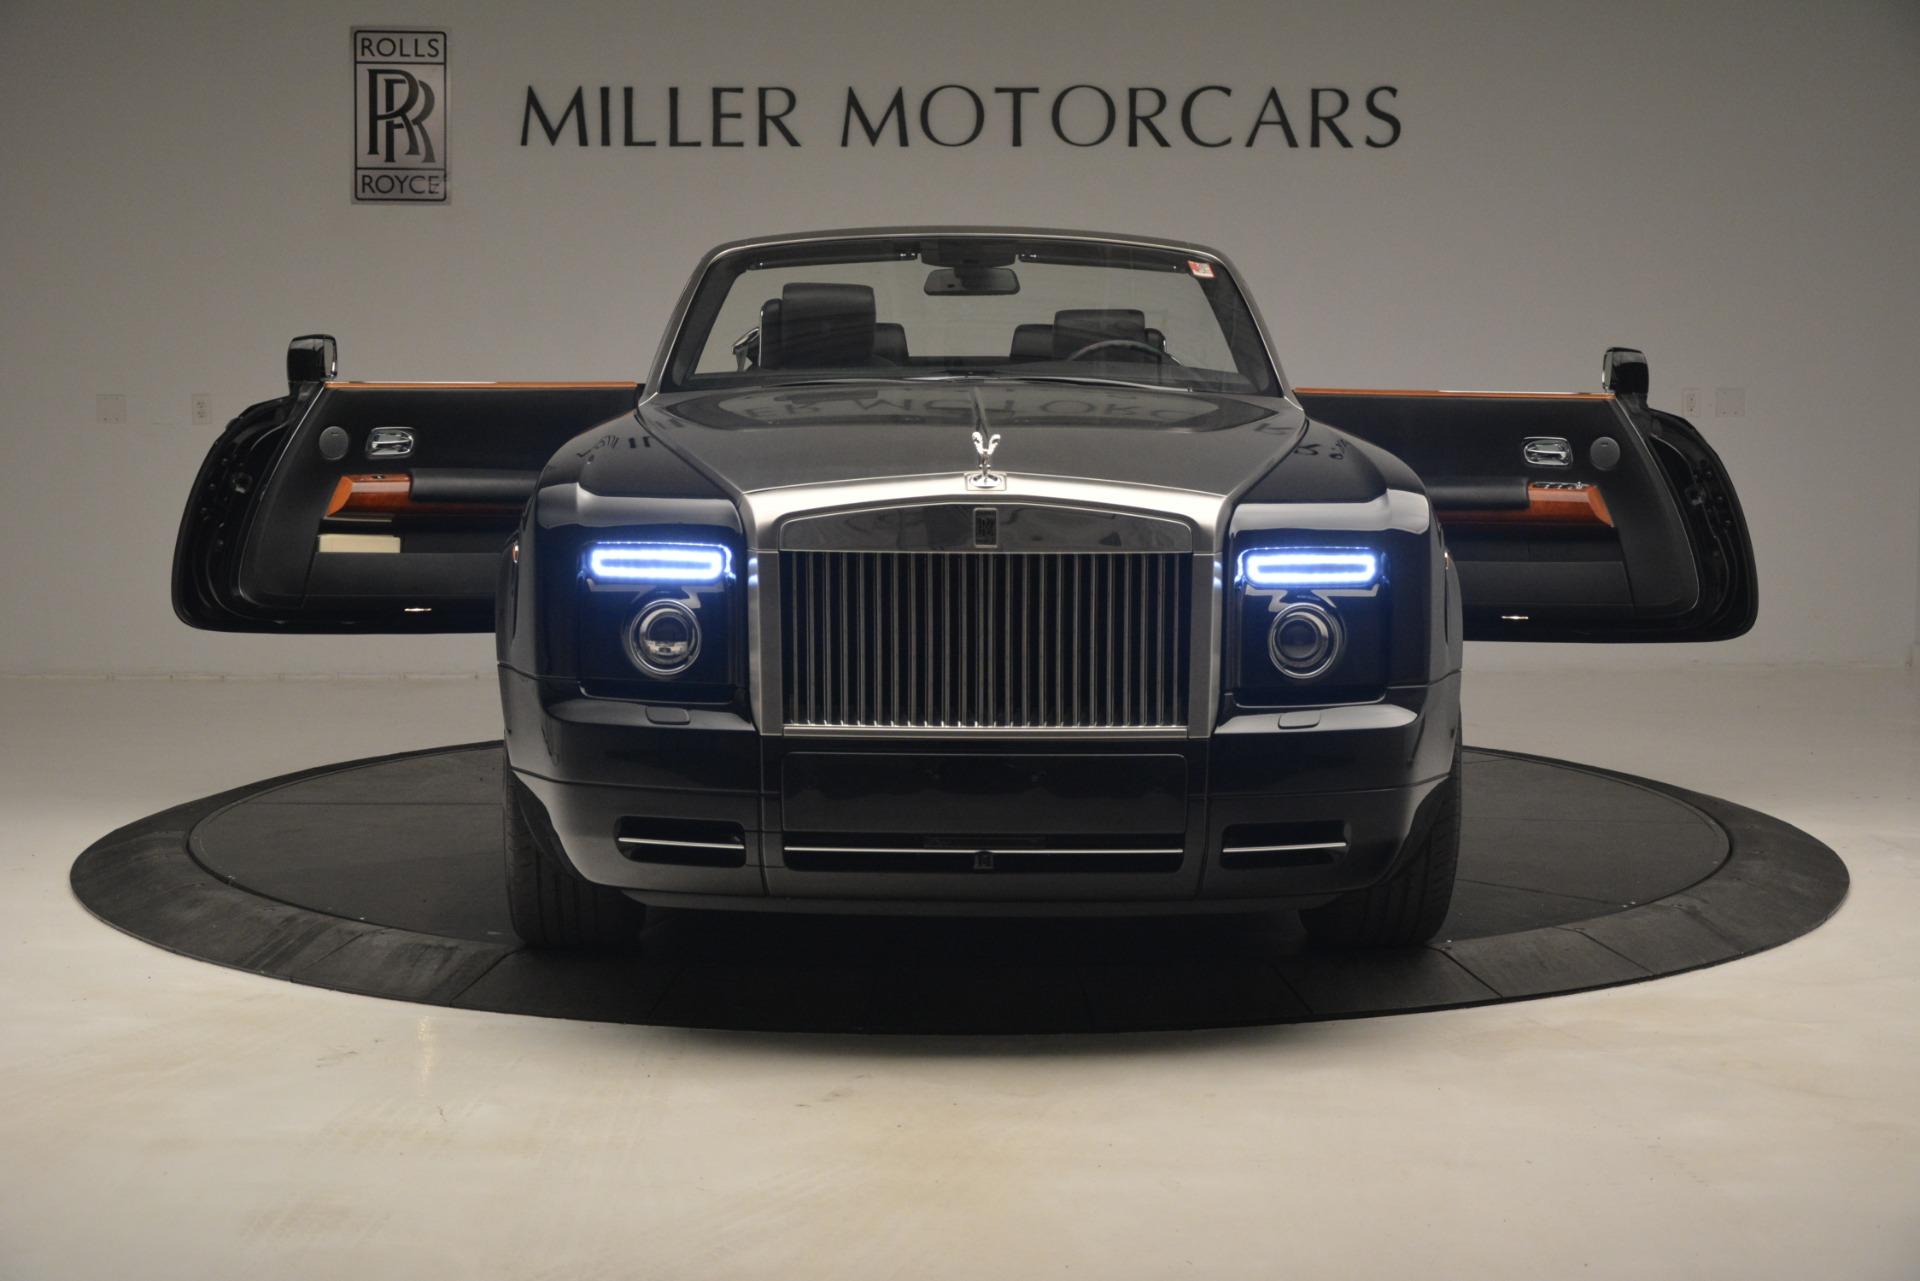 Used 2008 Rolls-Royce Phantom Drophead Coupe  For Sale In Westport, CT 3000_p18